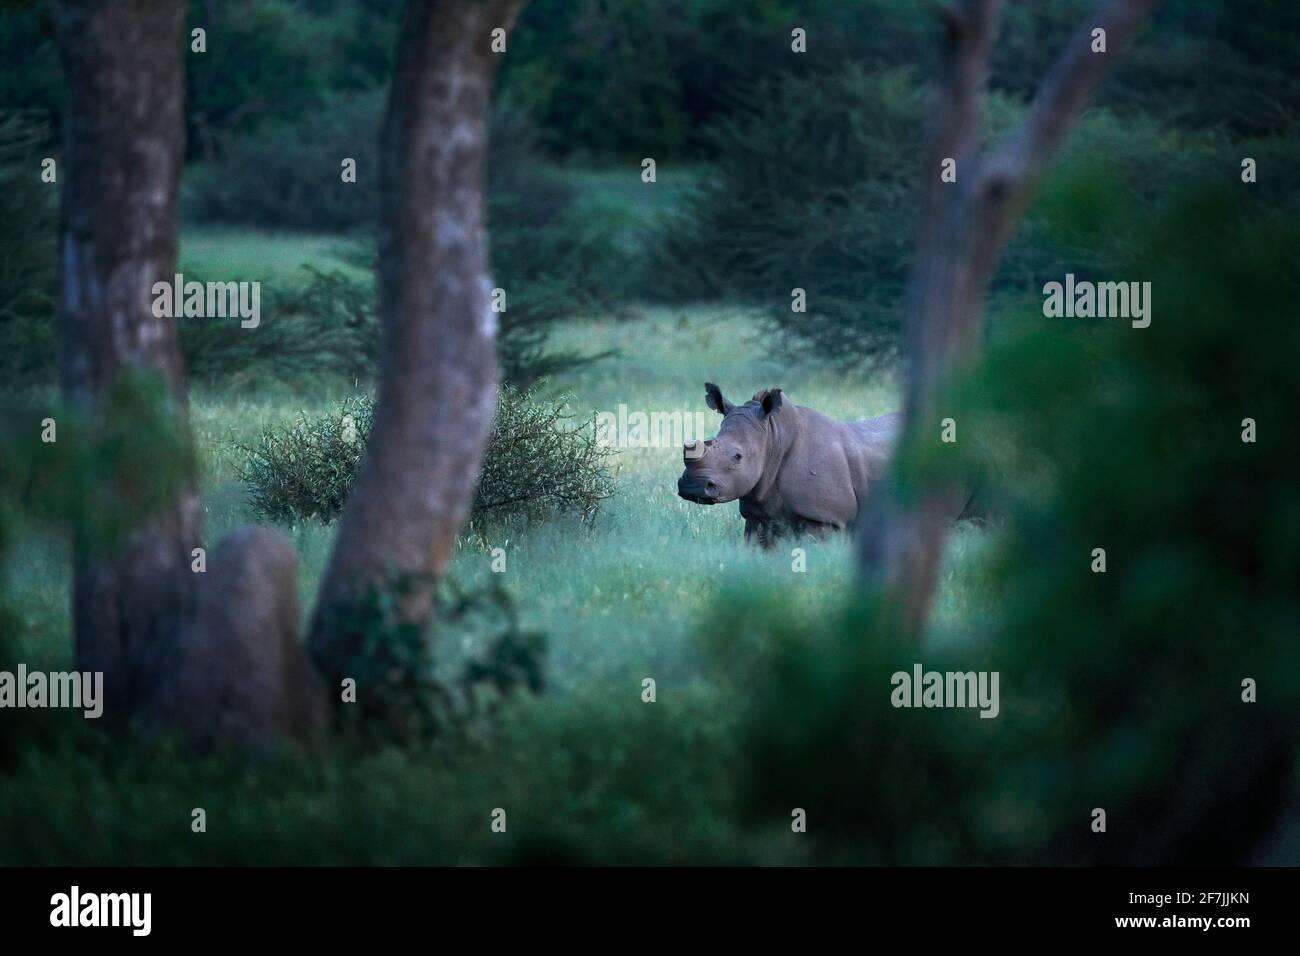 Rhino in forest habitat. White rhinoceros, Ceratotherium simum, with cut horns, in the nature habitat, Okavango delta, Botswana. Africa. Wildlife scen Stock Photo